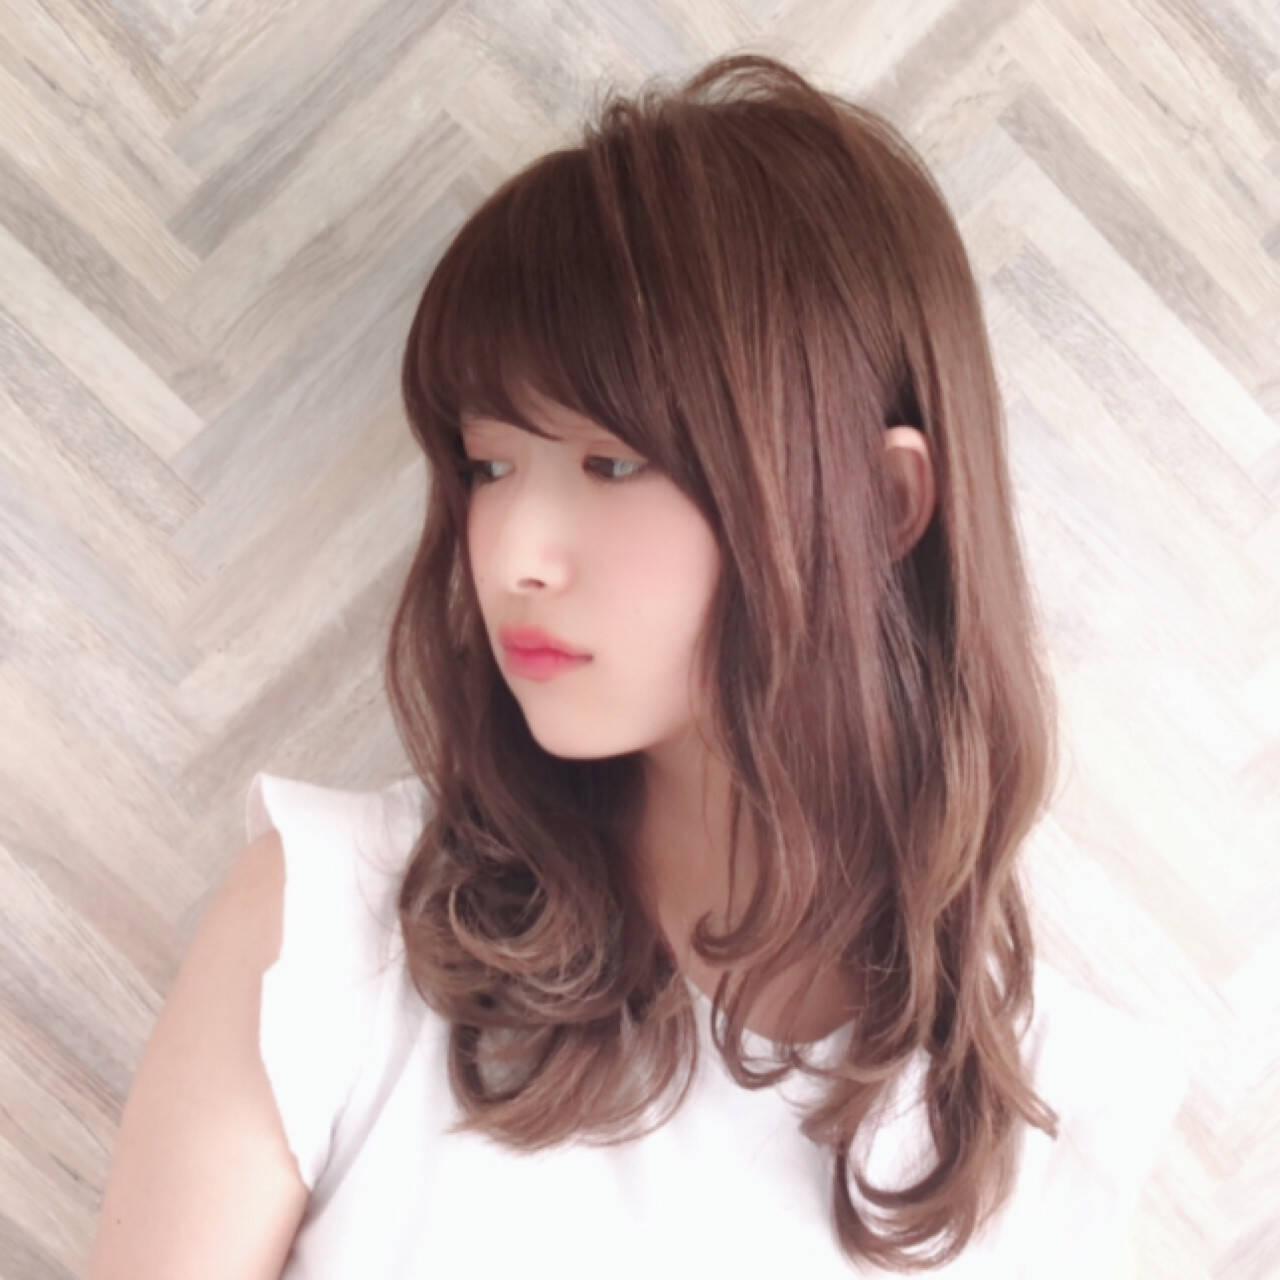 大人かわいい フェミニン ロング パーマヘアスタイルや髪型の写真・画像